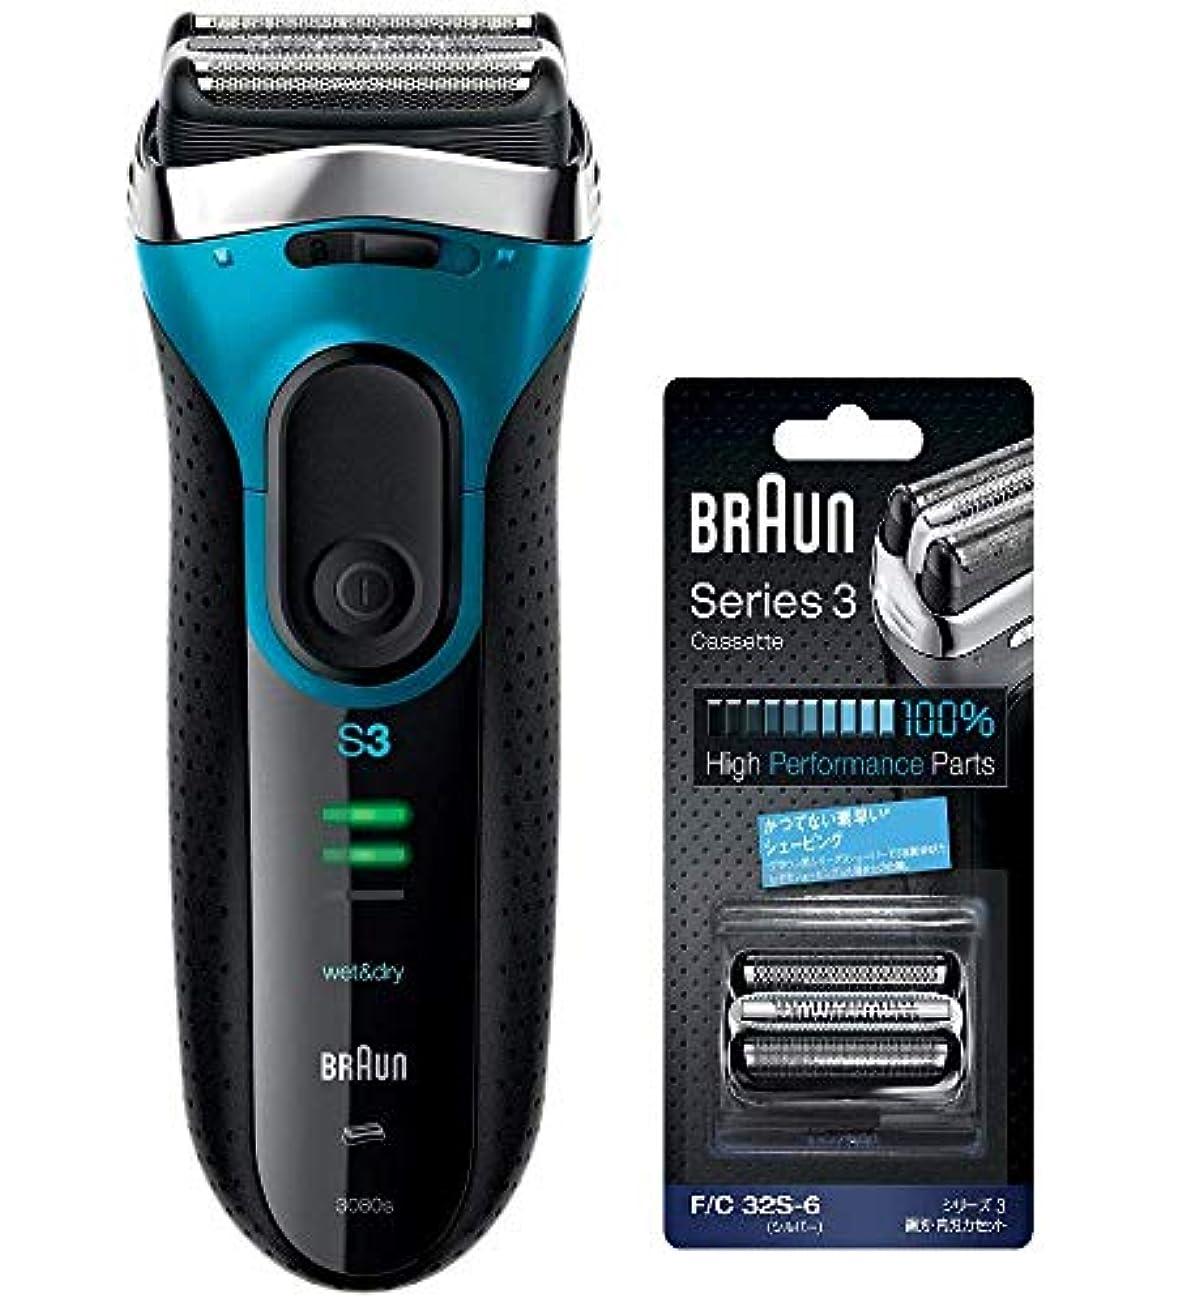 ケーブル経度クレジットブラウン メンズ電気シェーバー シリーズ3 交換用替刃付 3080S-B-SET 3枚刃 水洗い/お風呂剃り可 ブルー